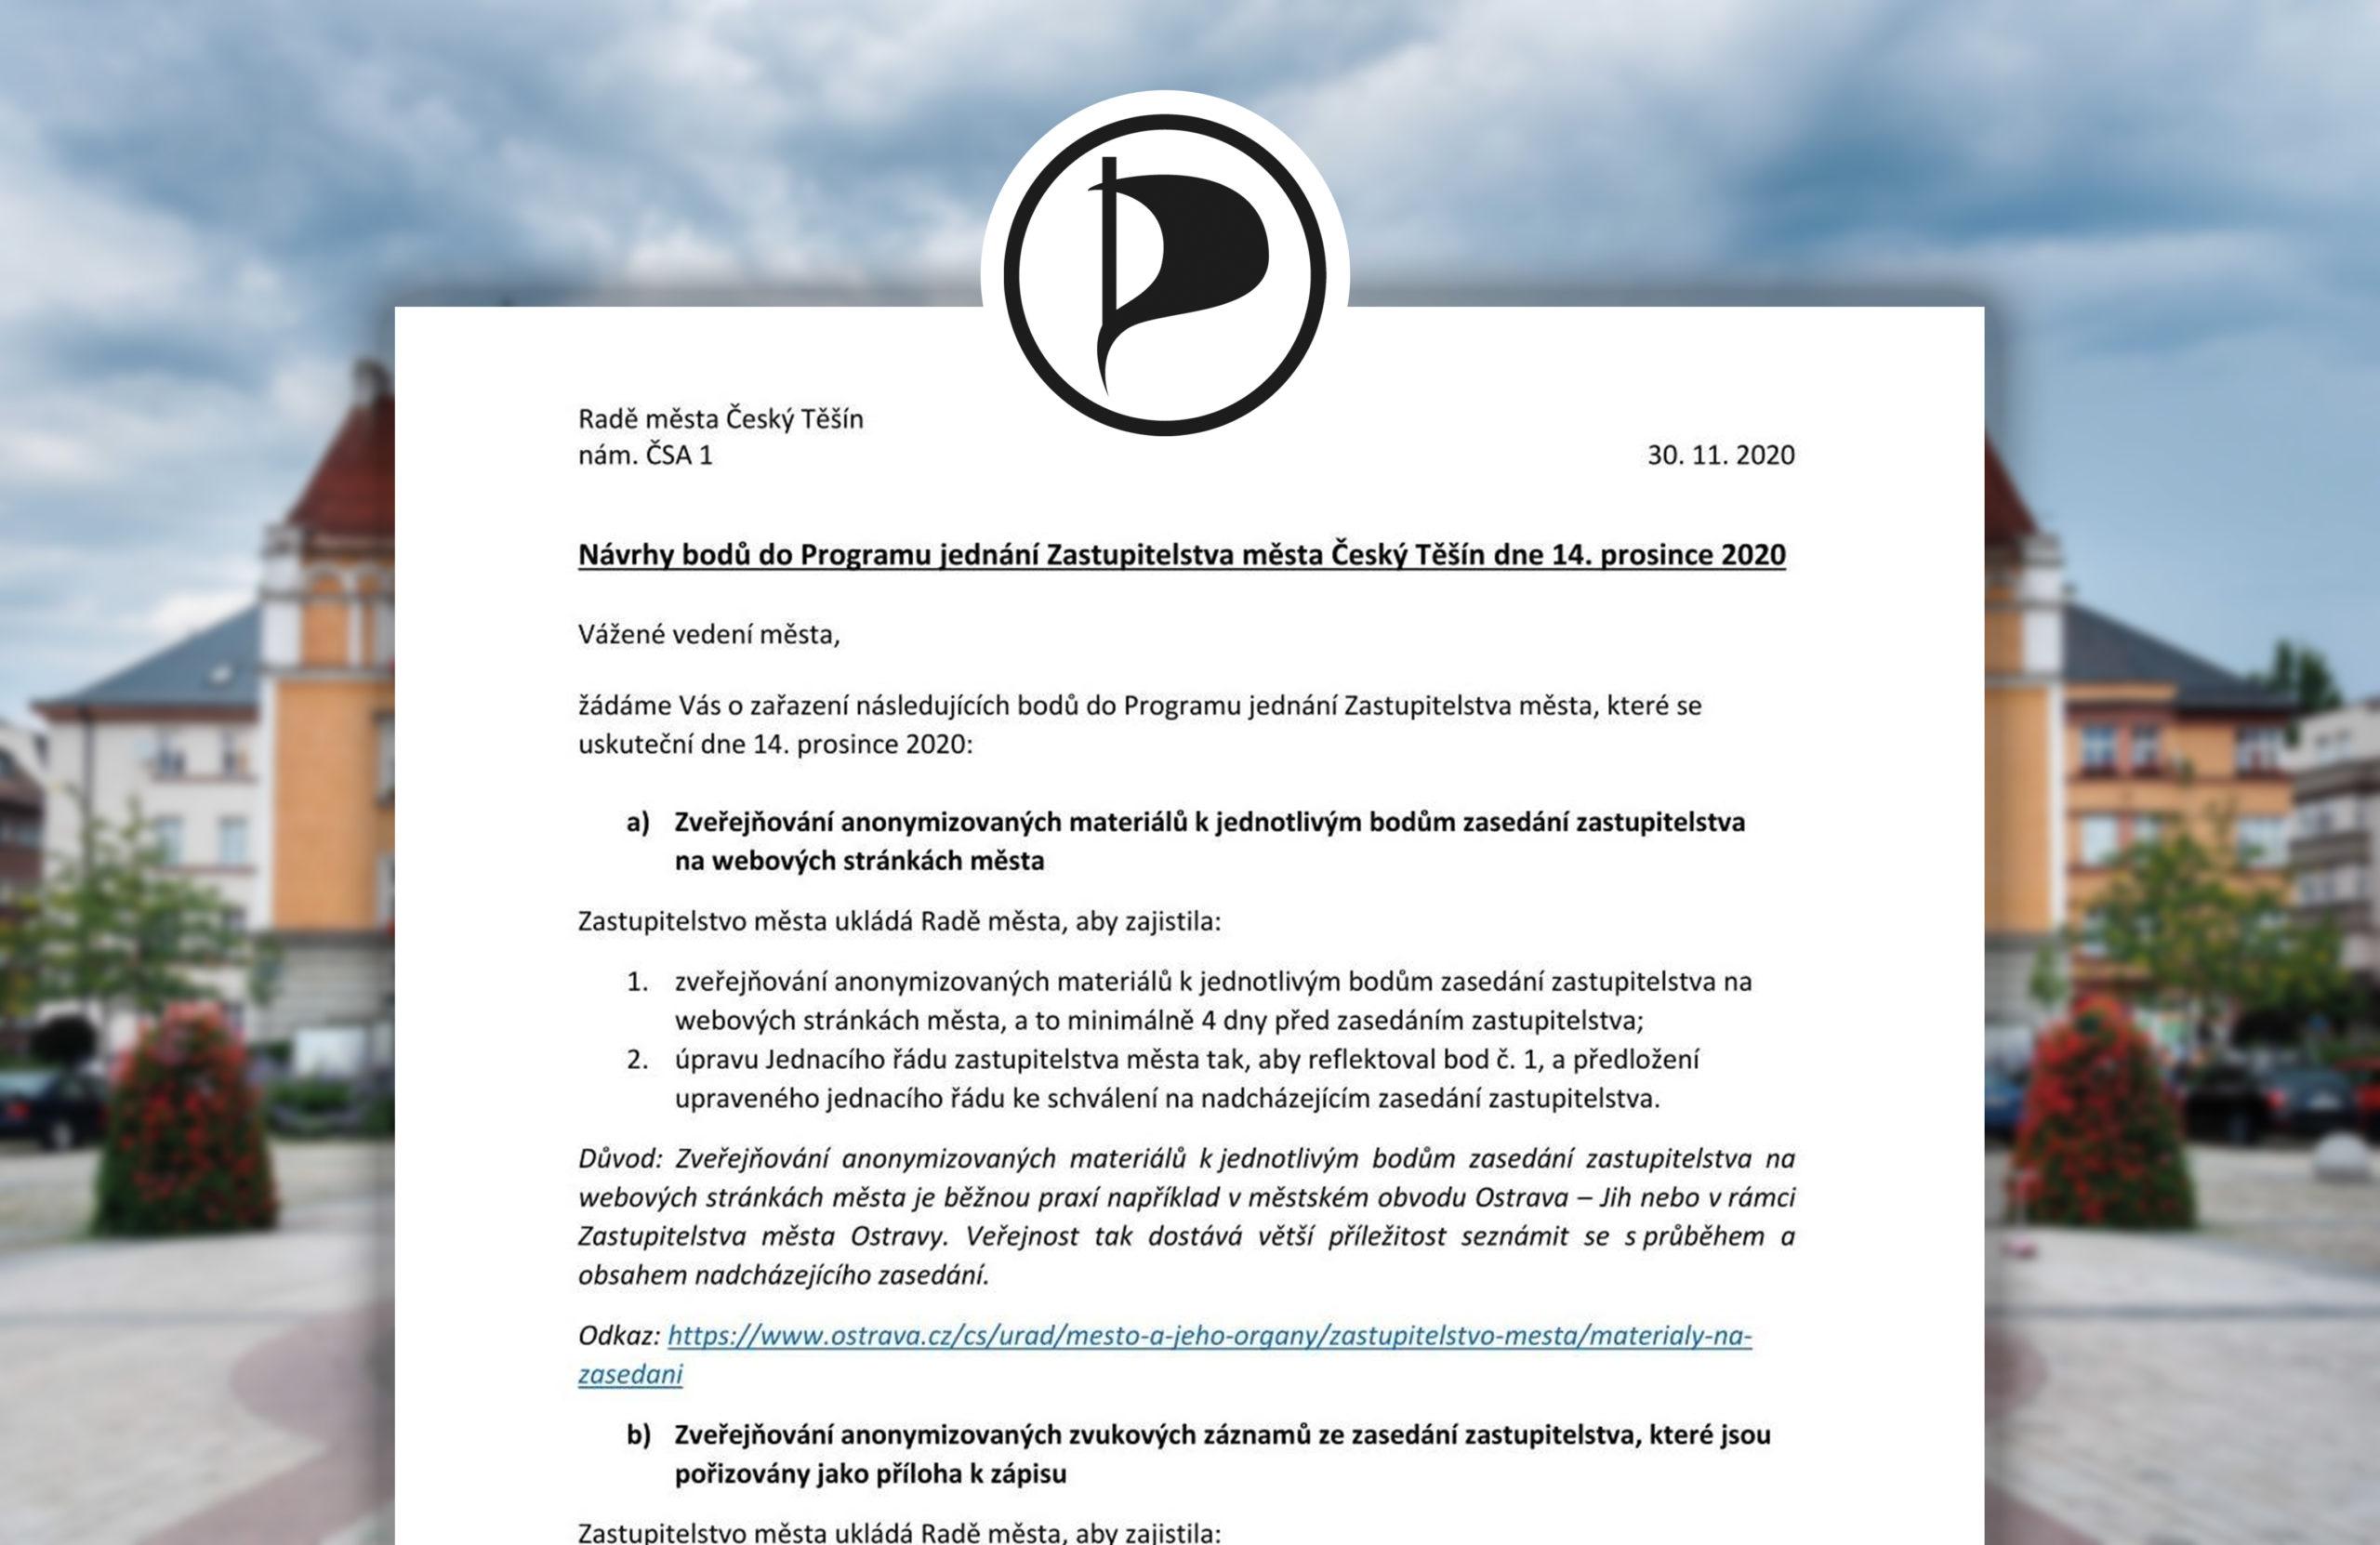 Těšínští Piráti usilují o transparentní a otevřenou radnici, chtějí zveřejňovat materiály a záznamy ze zastupitelstva